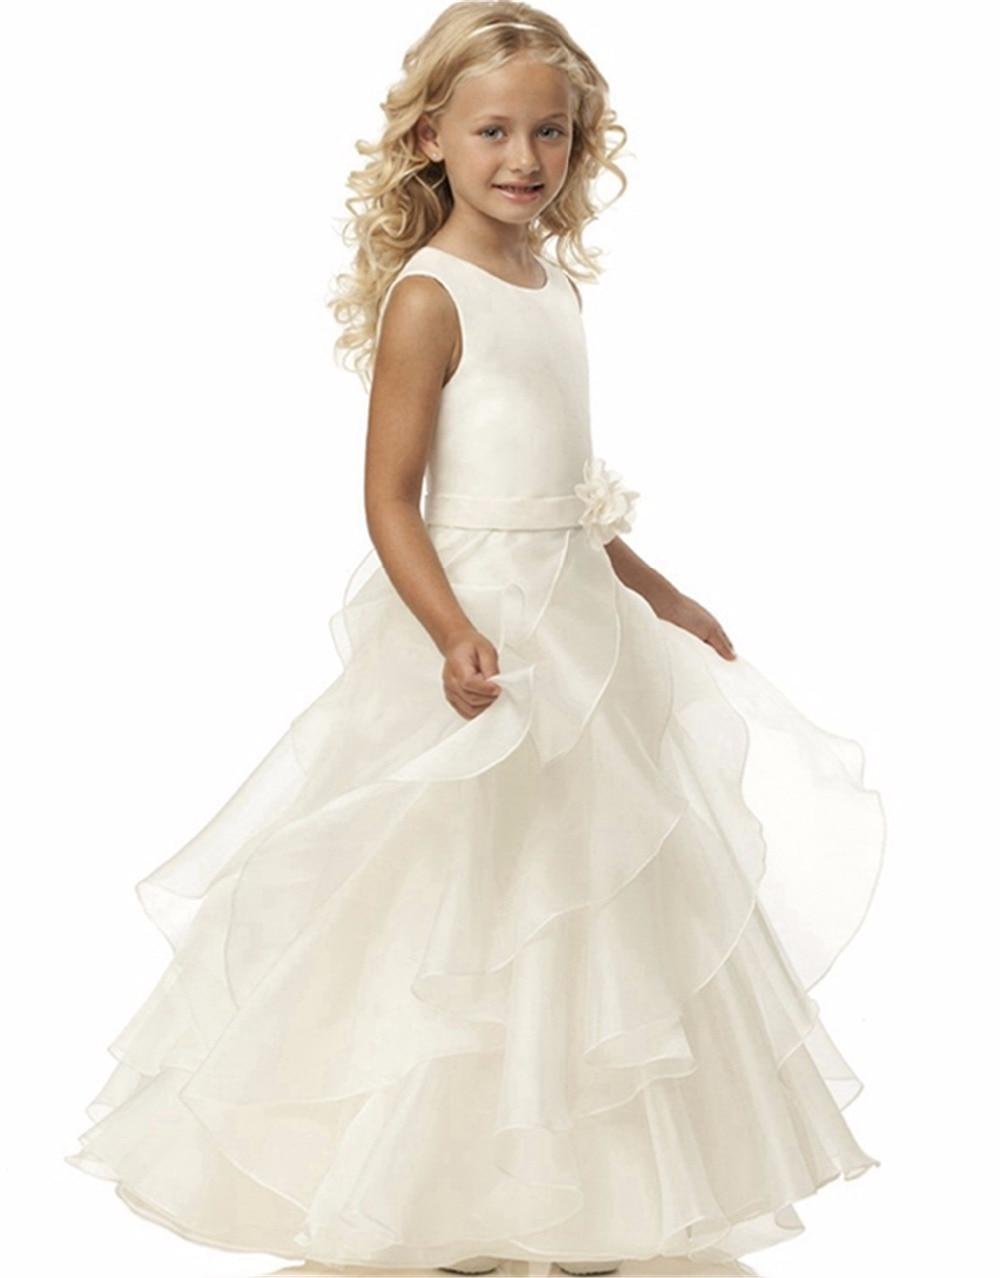 2016 Brand New   Flower     Girl     Dresses   White/Ivory Real Party Pageant Communion   Dress   Little   Girls   Kids/Children   Dress   for Wedding